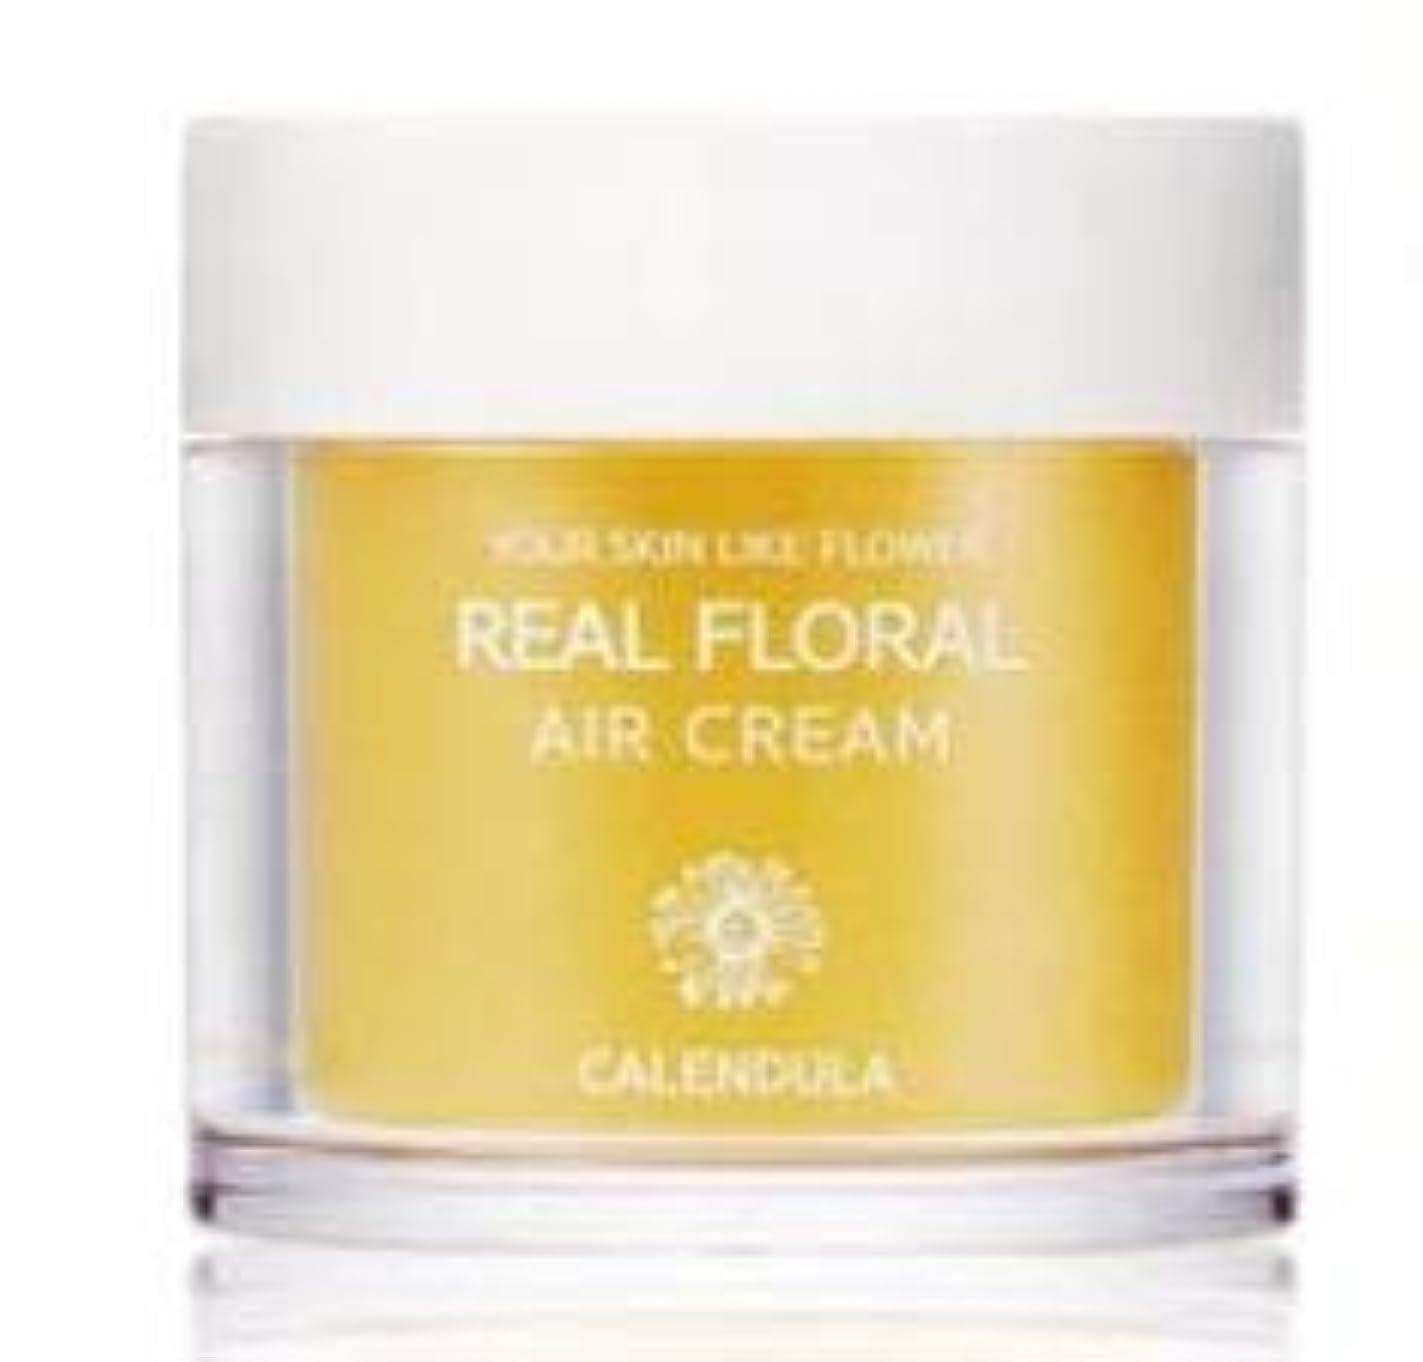 欲求不満ルビー洗練NATURAL PACIFIC Real Floral Air Cream 100ml (Calendula) /ナチュラルパシフィック リアル カレンデュラ エア クリーム 100ml [並行輸入品]